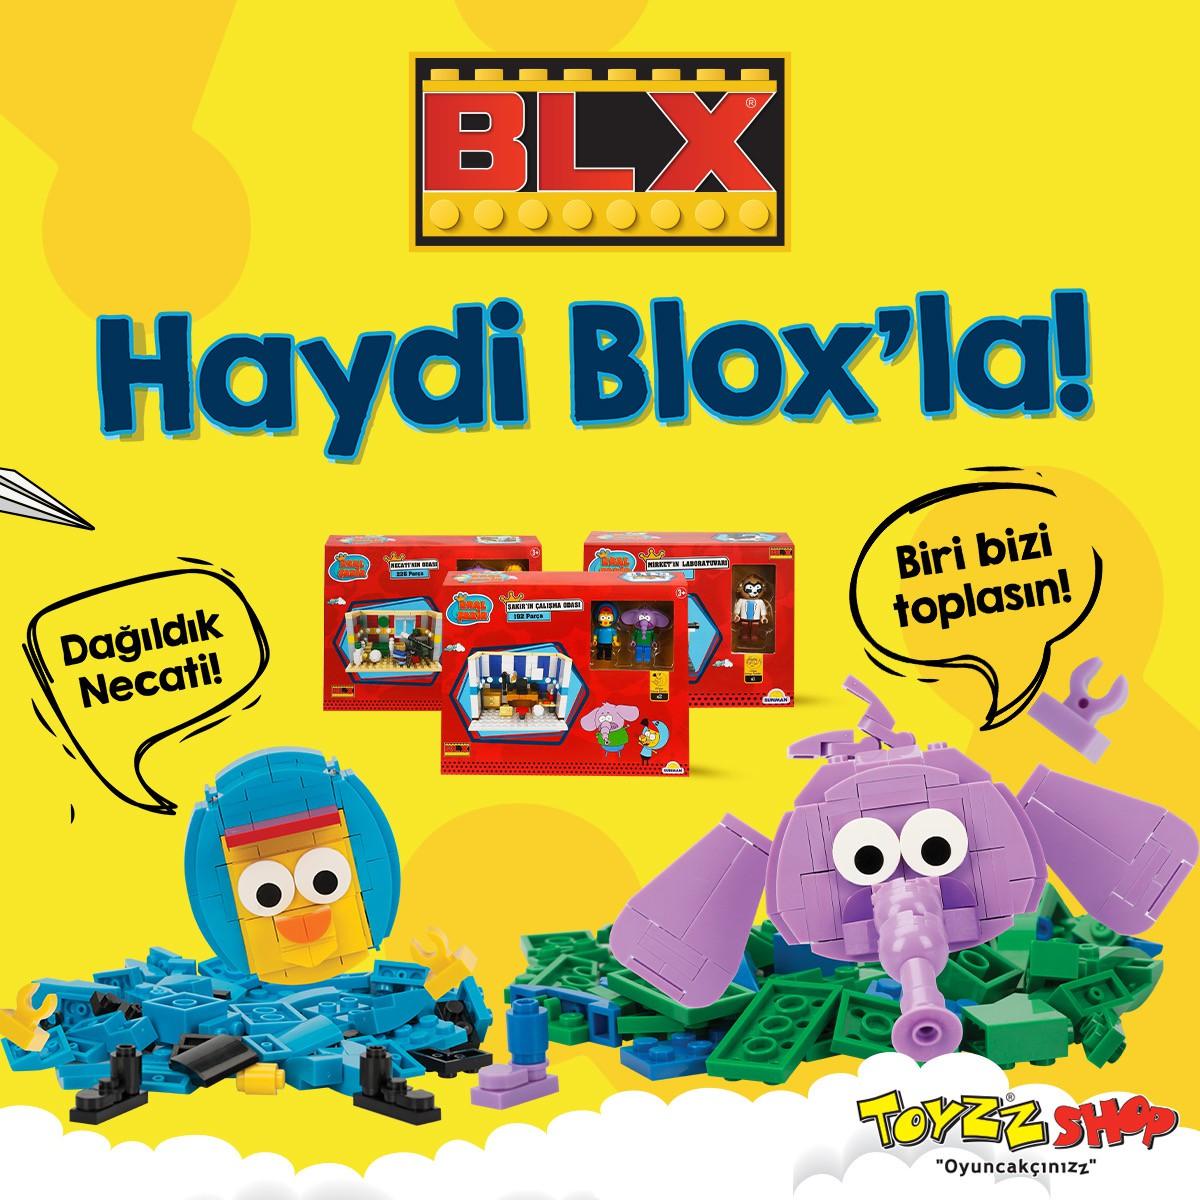 BLX-Kral Şakir Blox ürünleri Toyzz Shop raflarında yerini aldı.